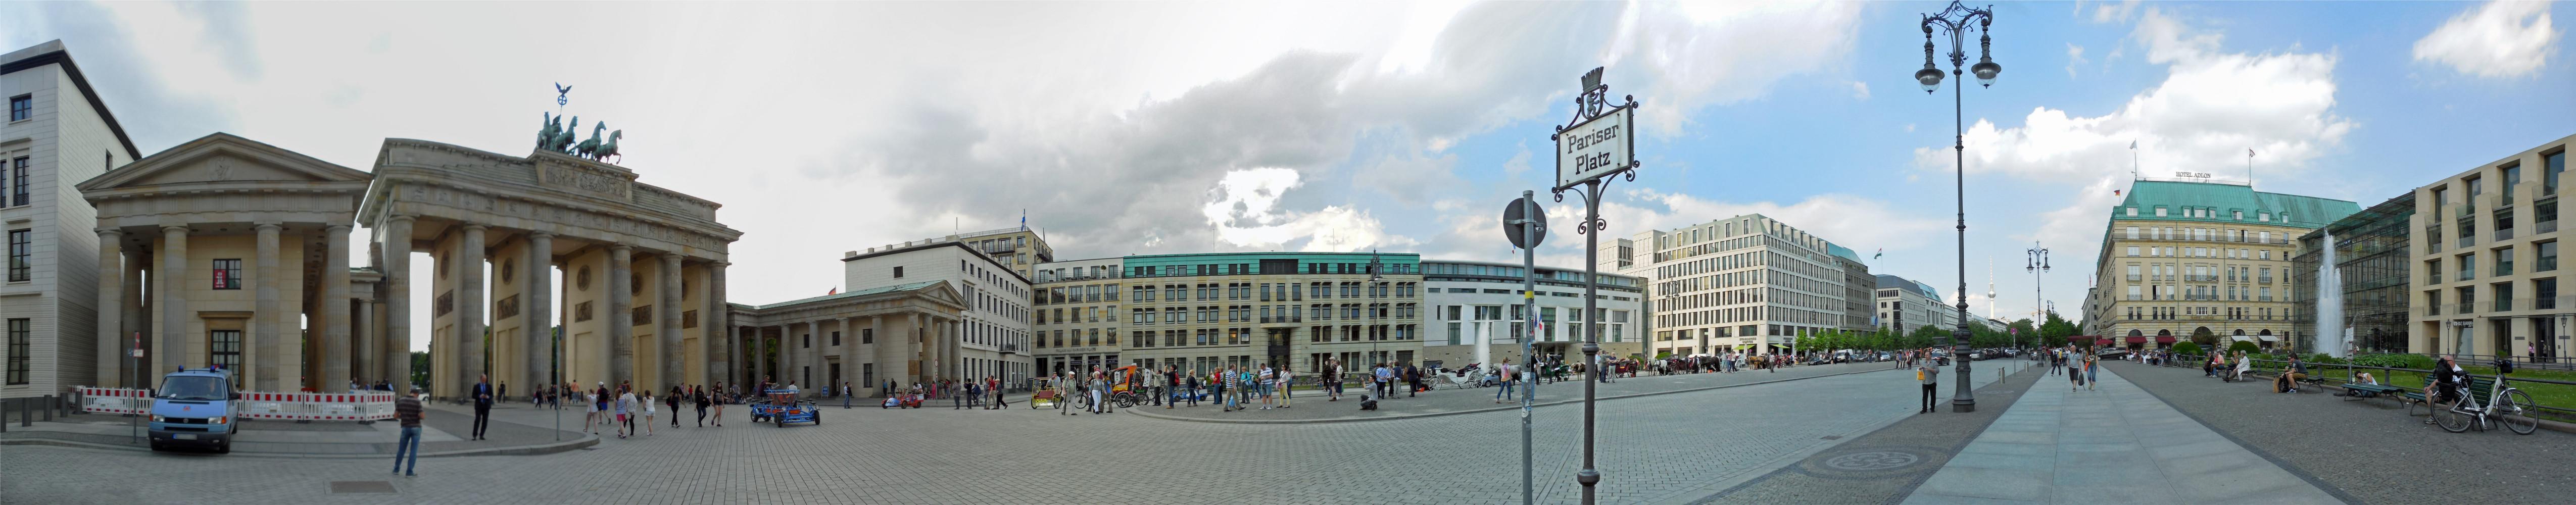 Bildergebnis für pariser platz panorama